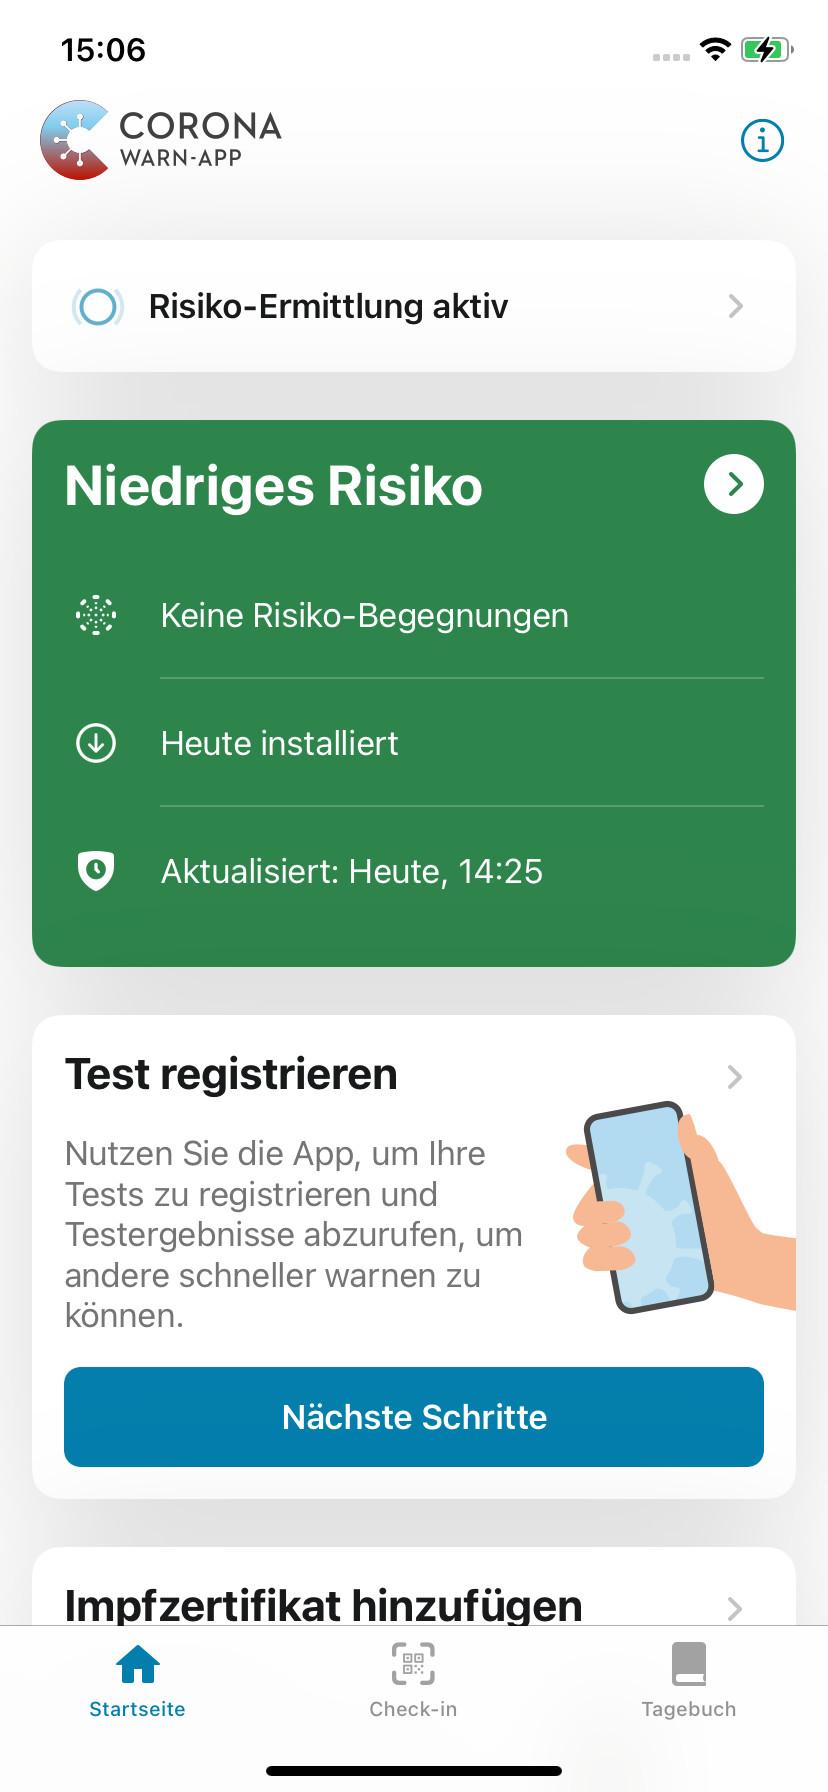 Screenshot 1 - Corona-Warn-App (App für iPhone & iPad)